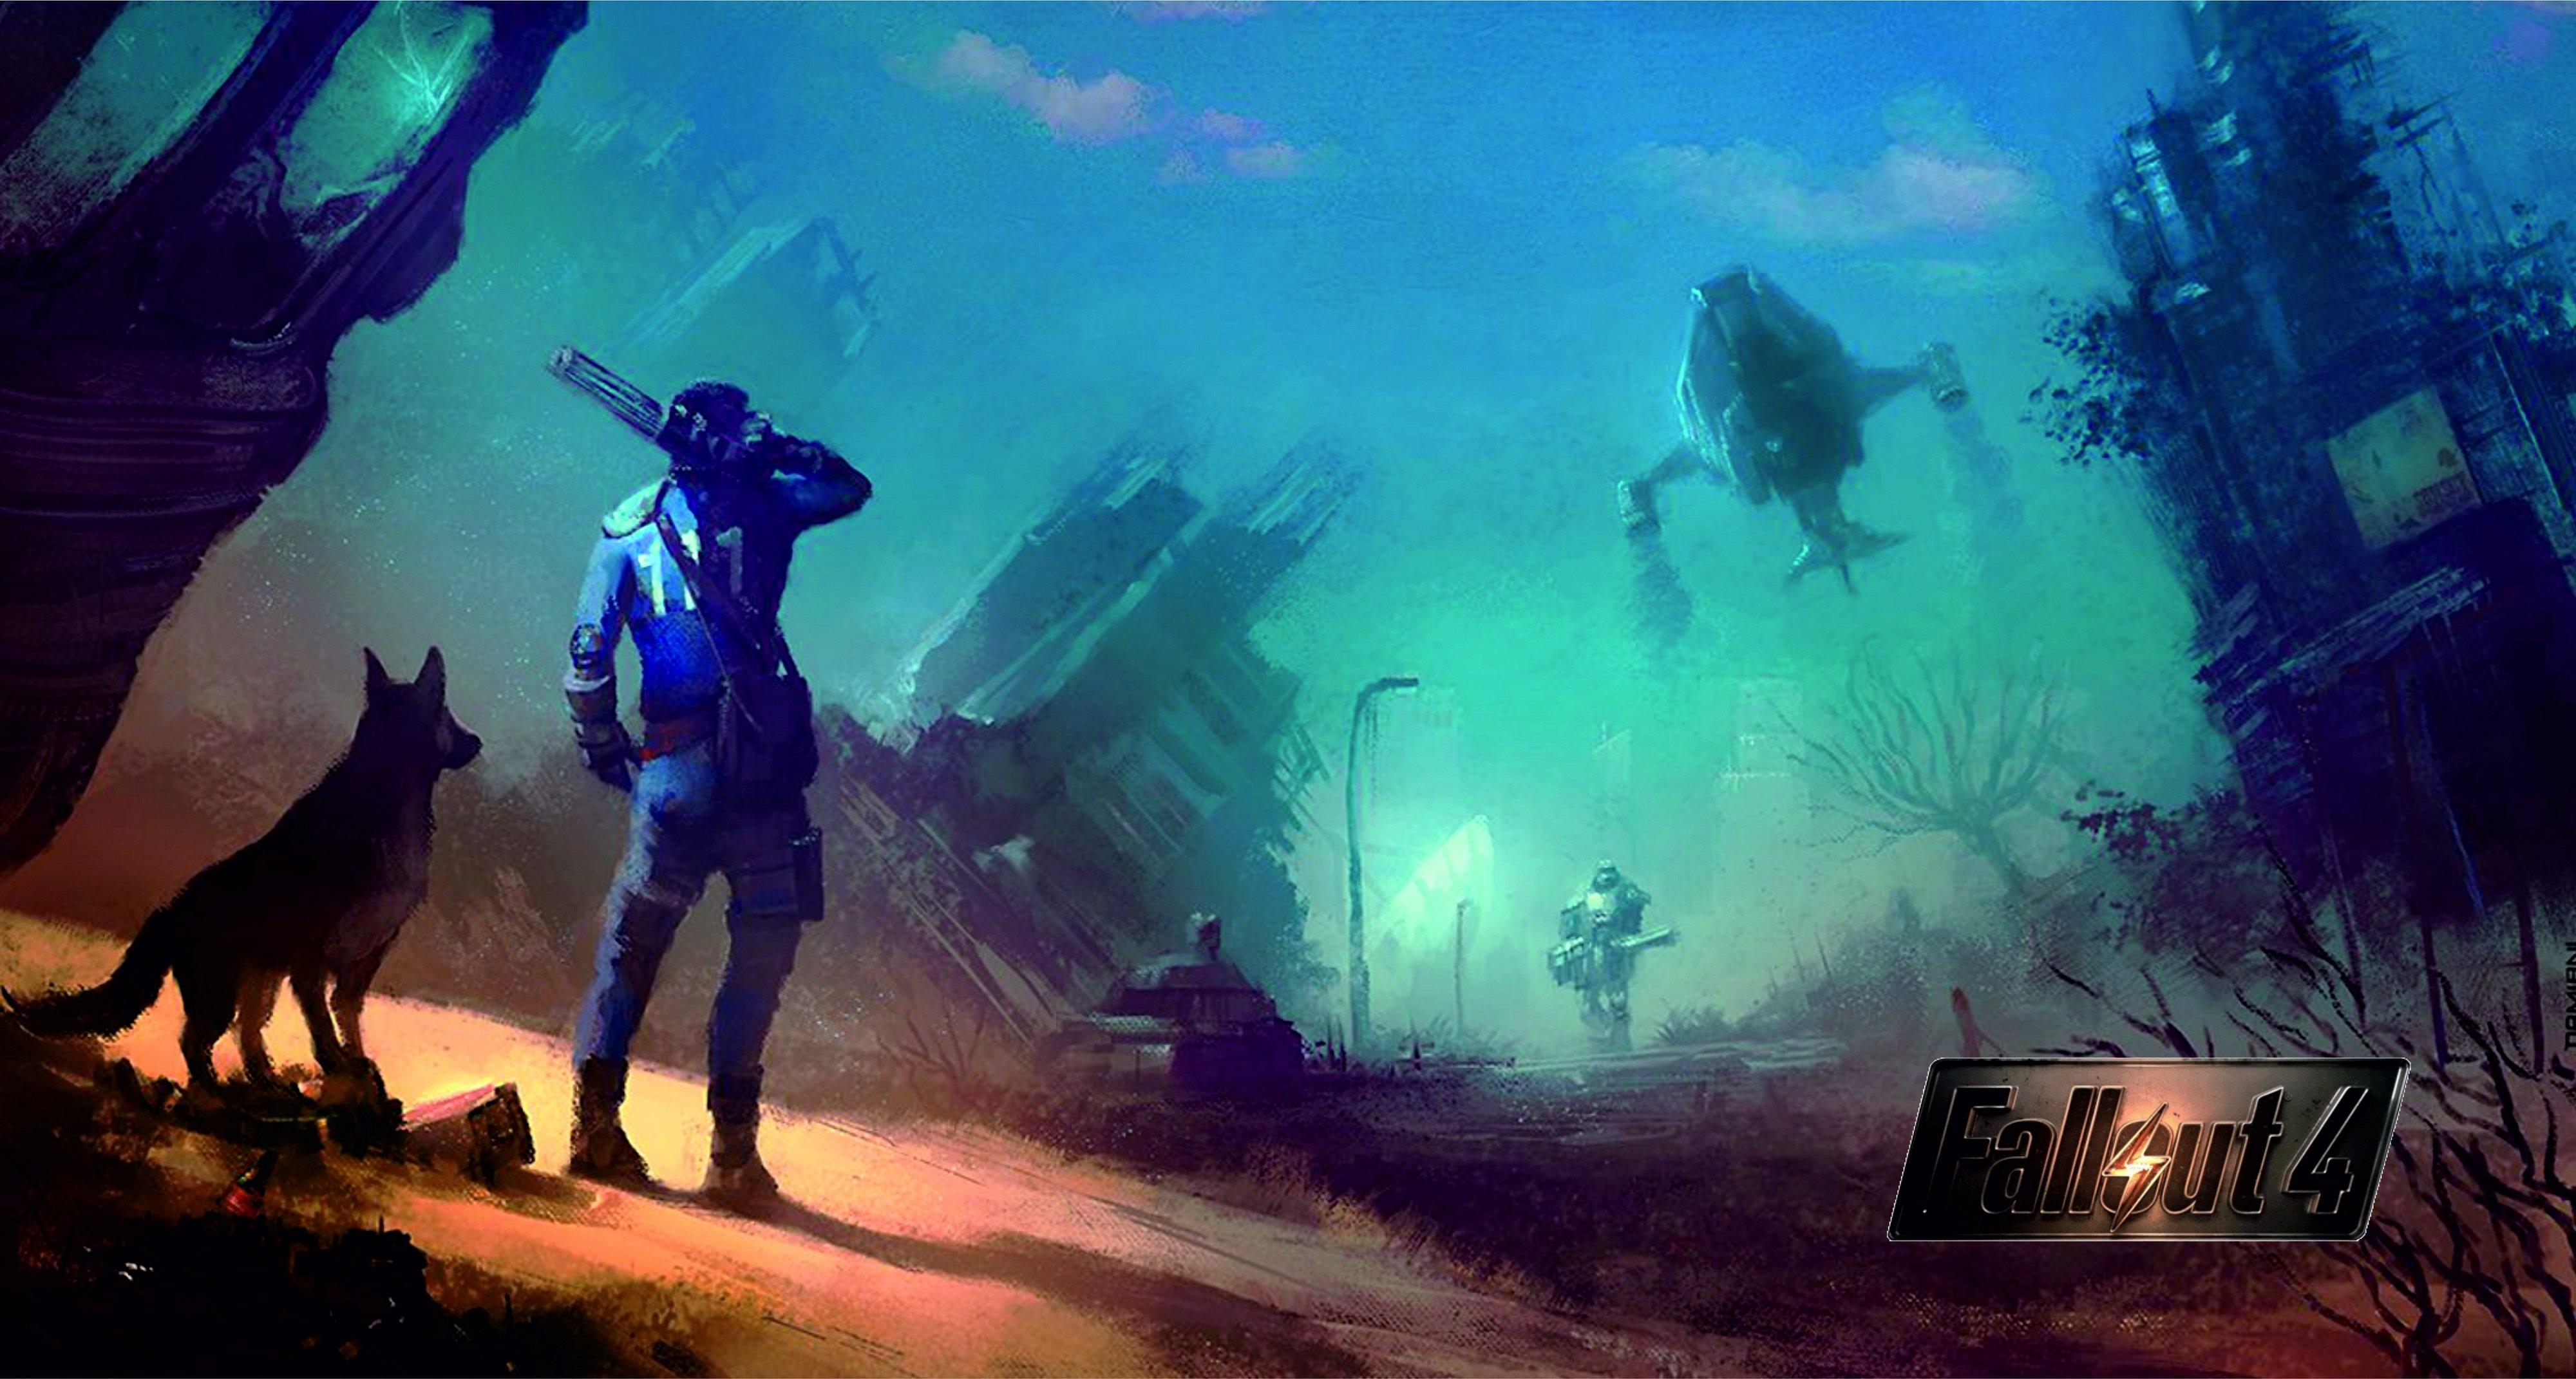 fallout 4 скачать торрент механики 2015